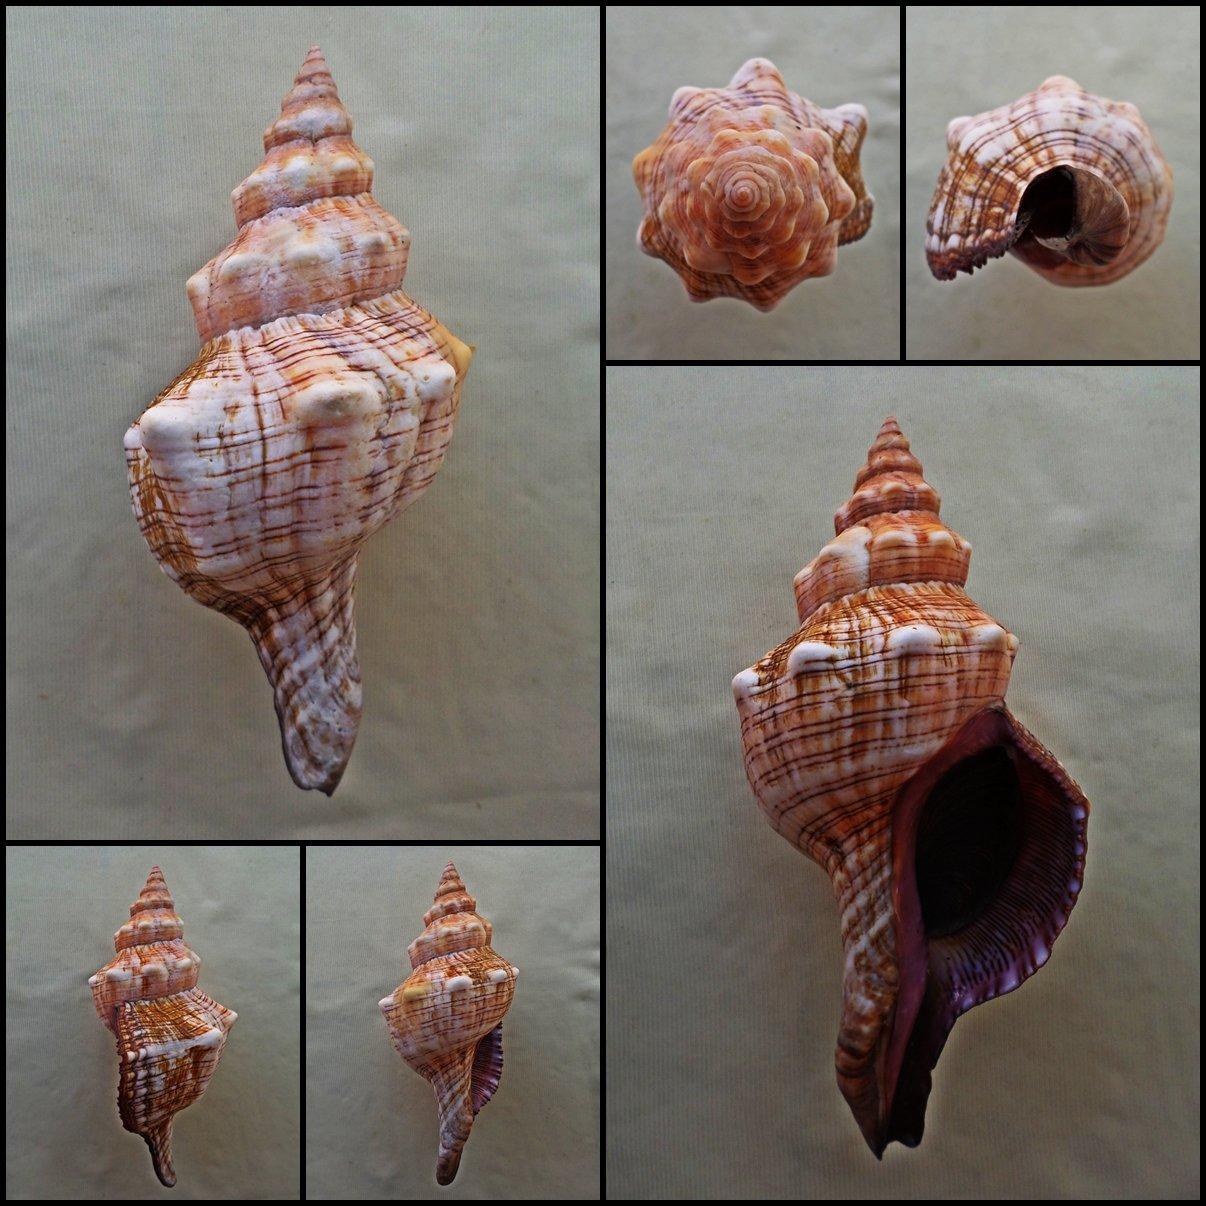 BLB04 - Pleuroploca trapezium